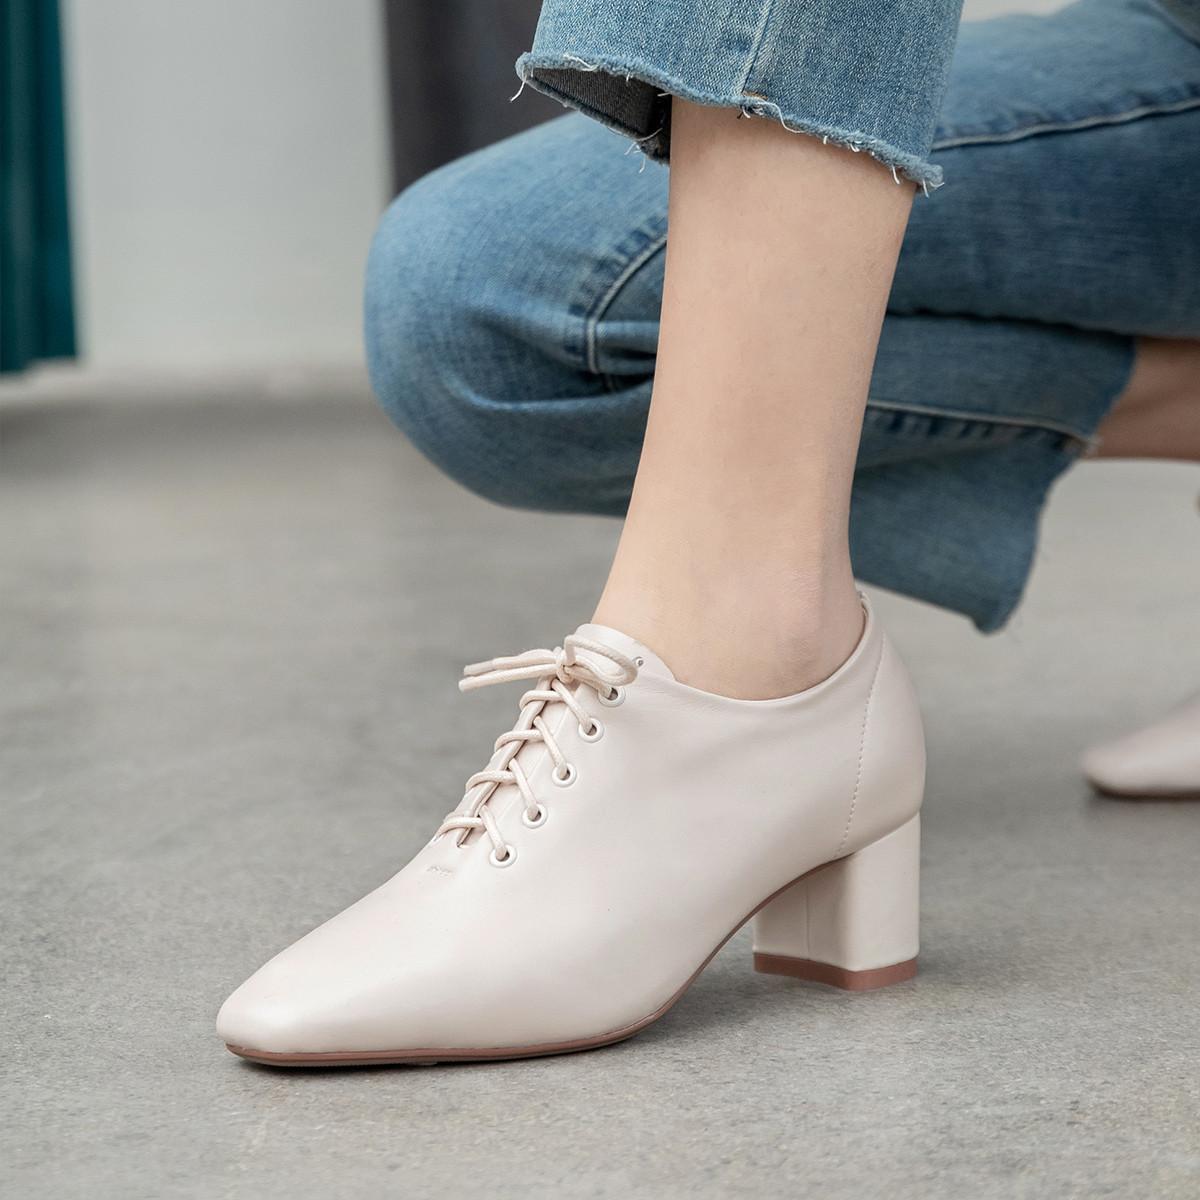 艾米娜【专柜清仓】艾米娜头层牛皮女鞋女单鞋女高跟鞋女士皮鞋商务A